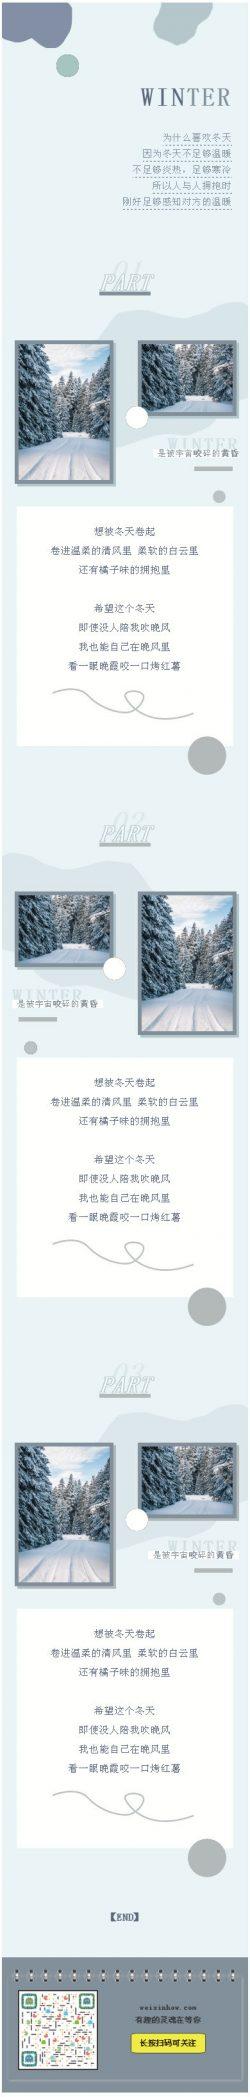 冬天清新冷色风格微信公众号推文模板推送图文微信素材